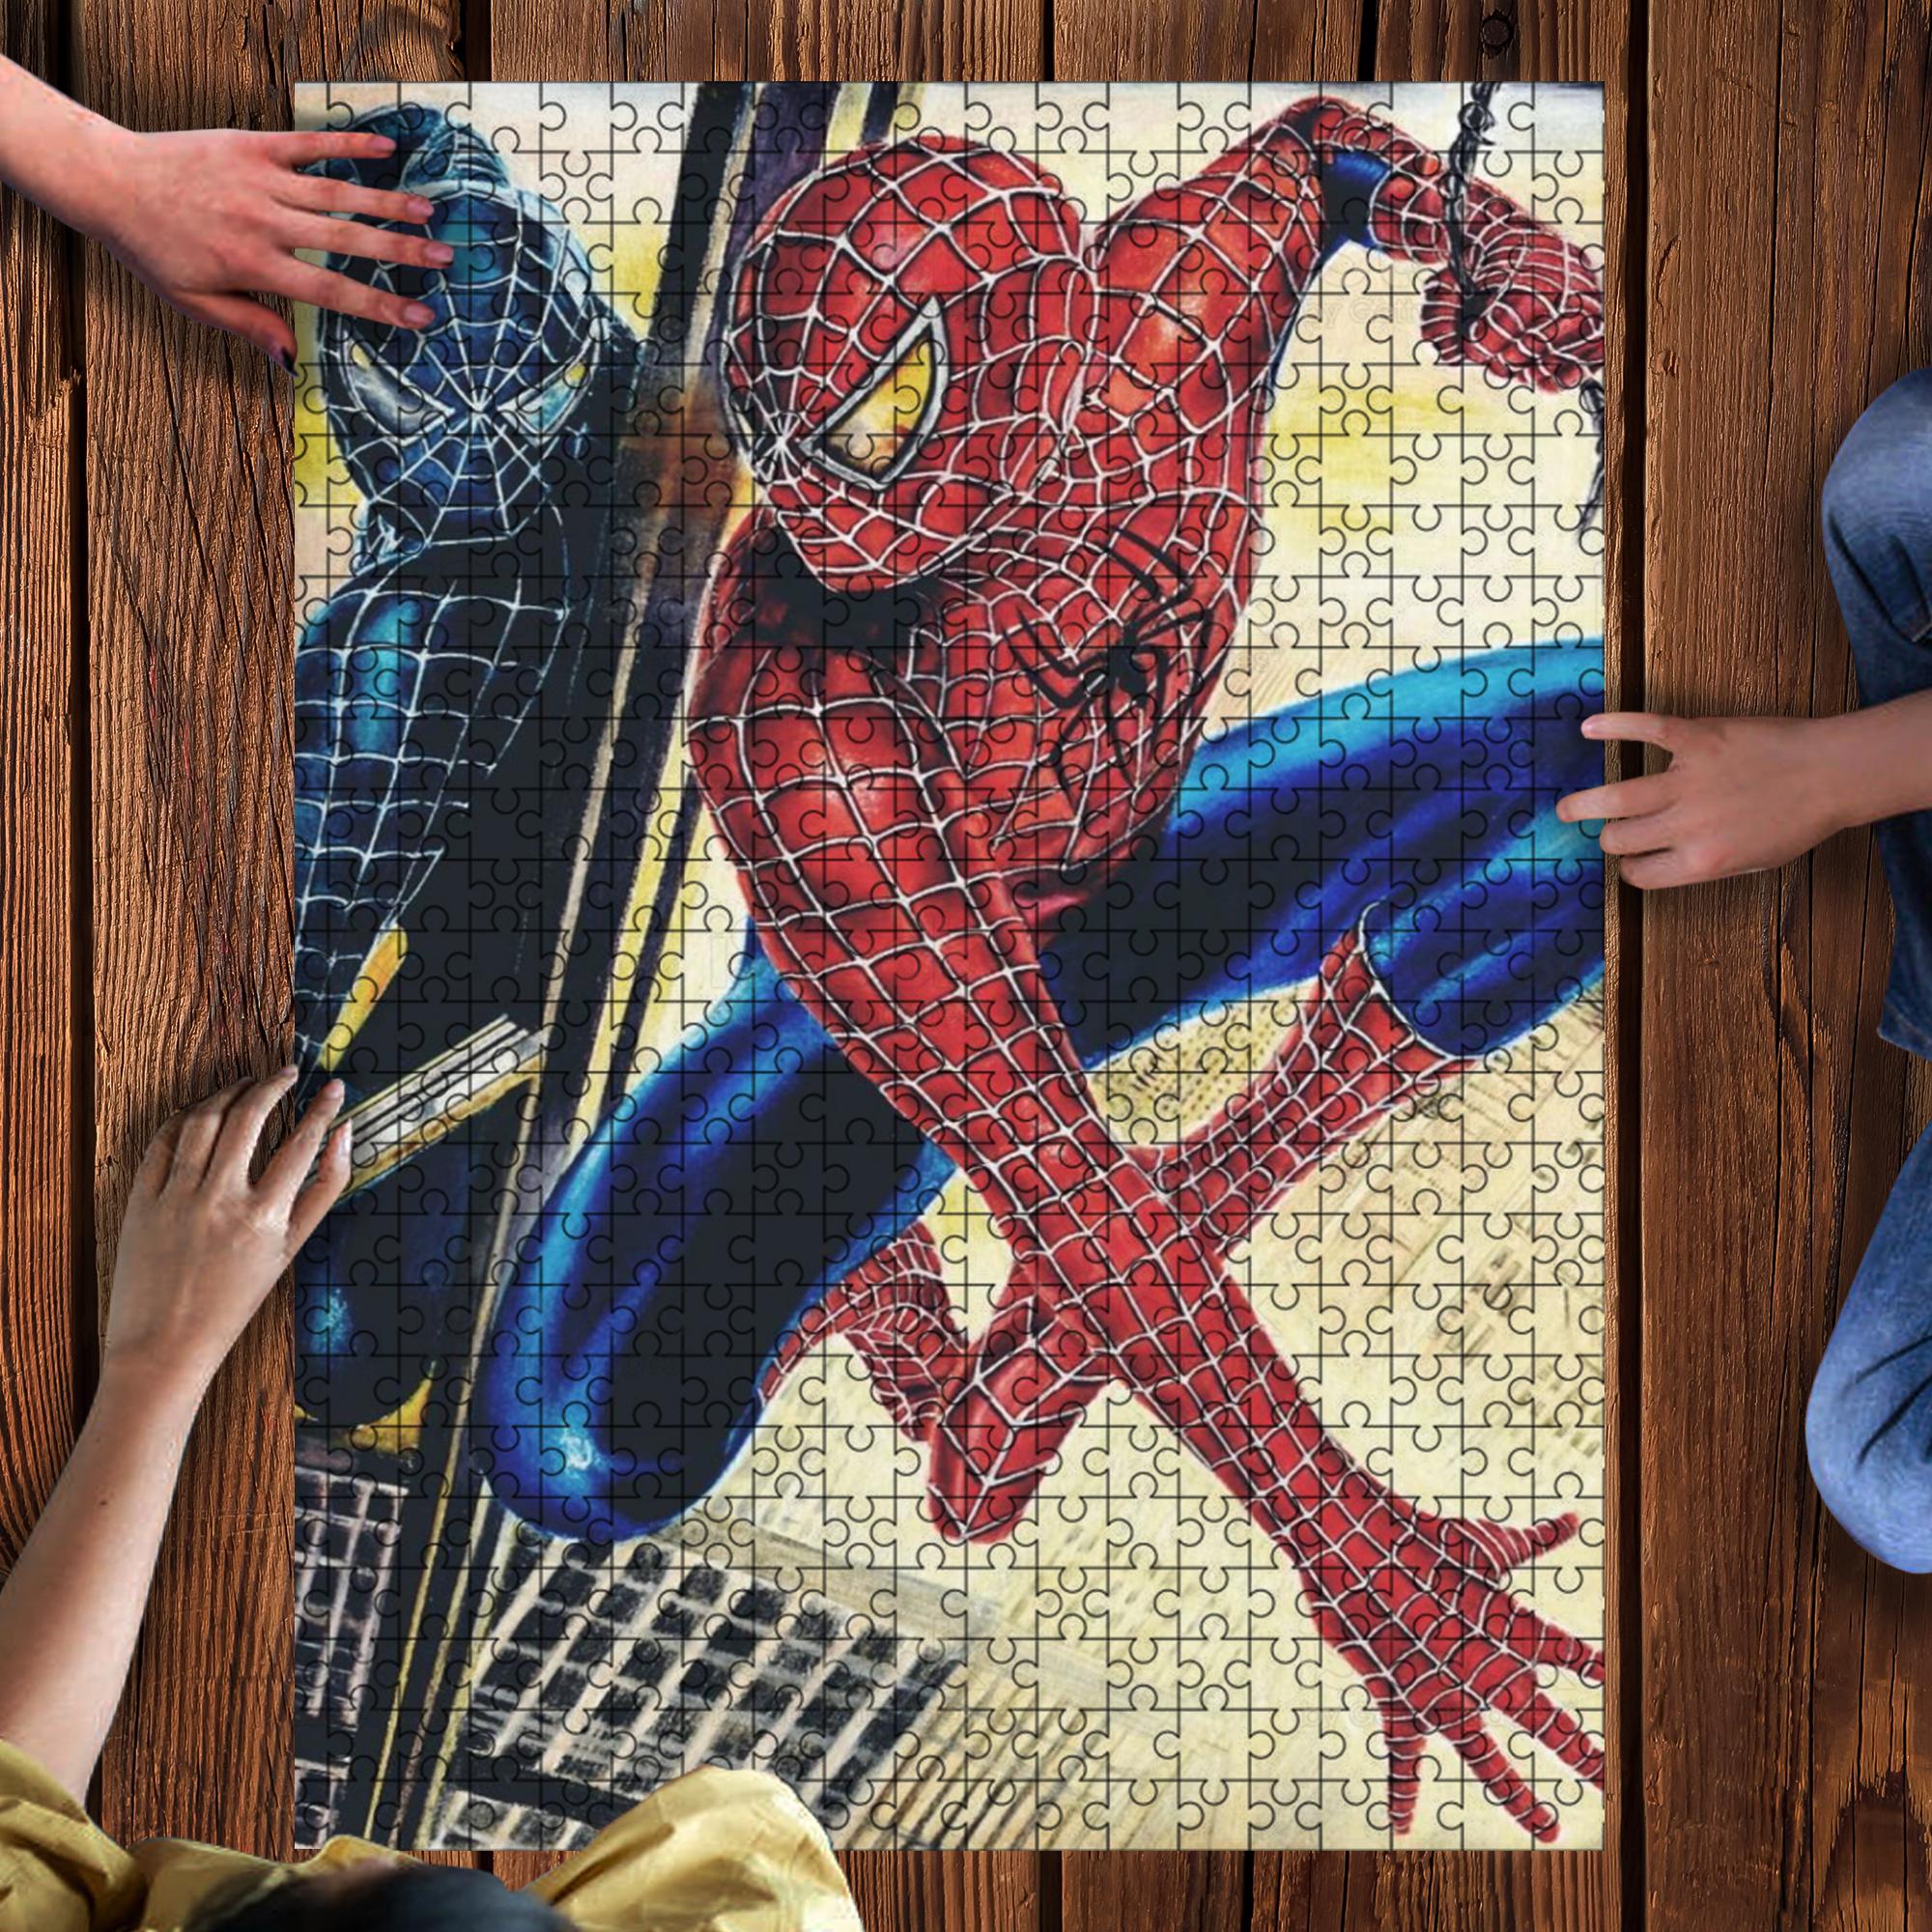 Venom spider-man 3 jigsaw puzzle 1